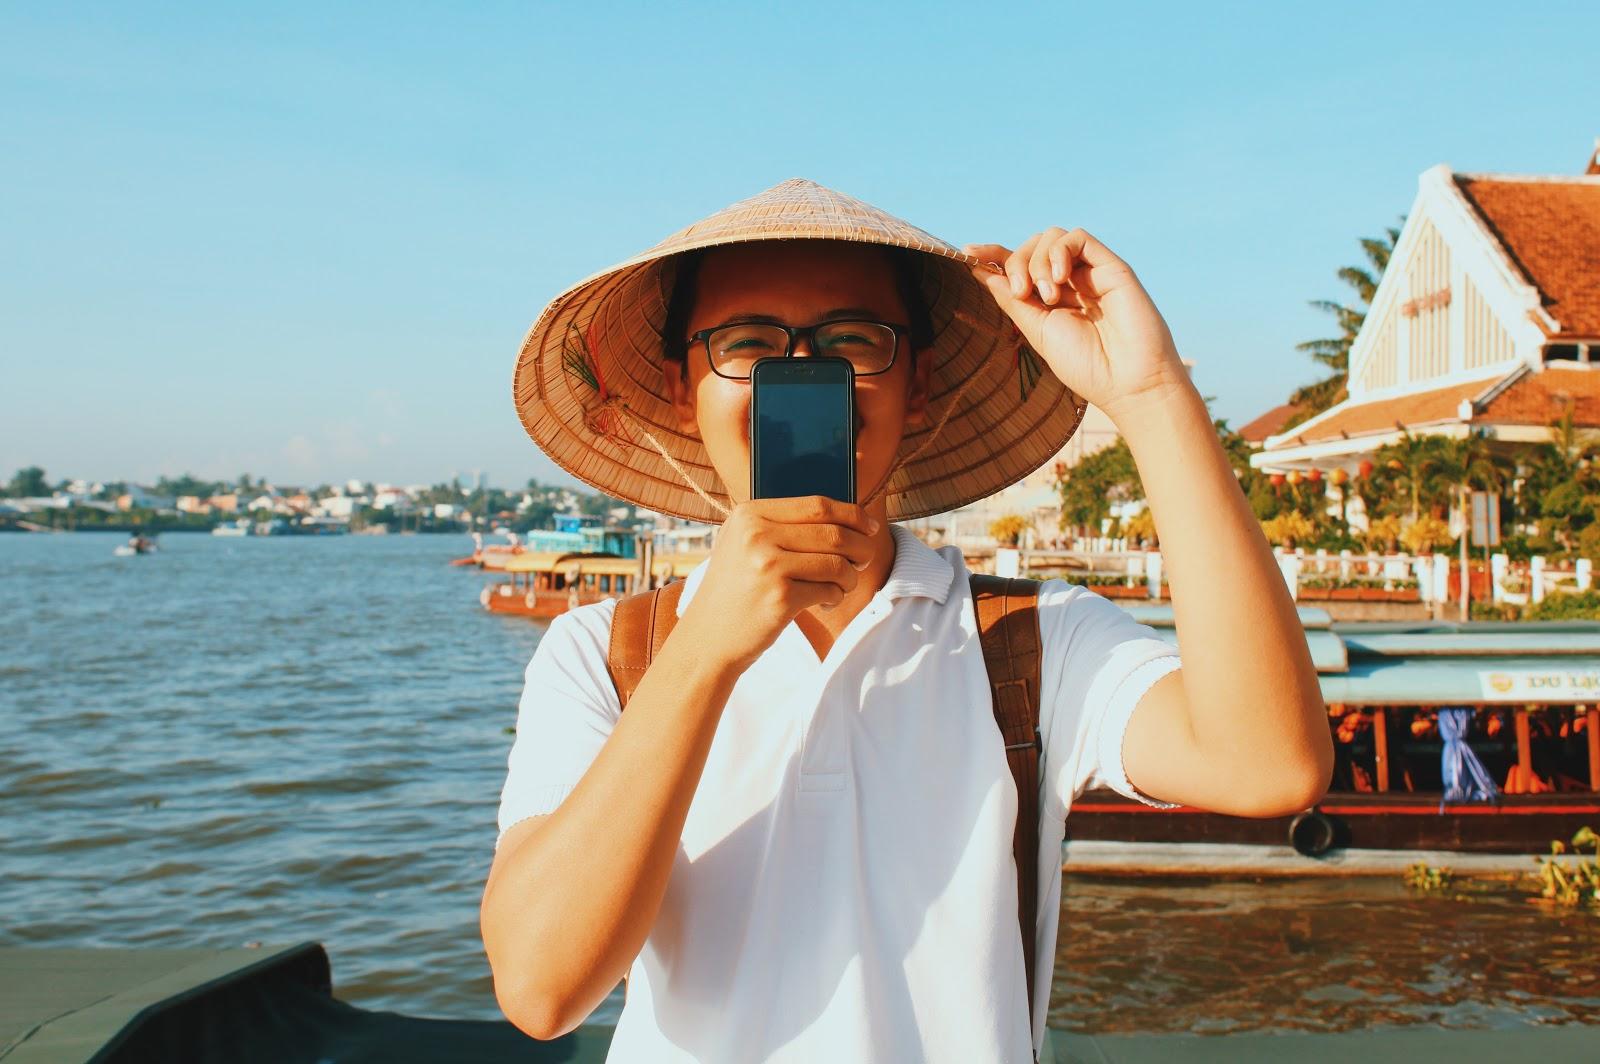 Checkin-Holic: Sóc Trăng - Chọn riêng mình những khoảng lặng an yên - Nguyễn Hoàn Hảo